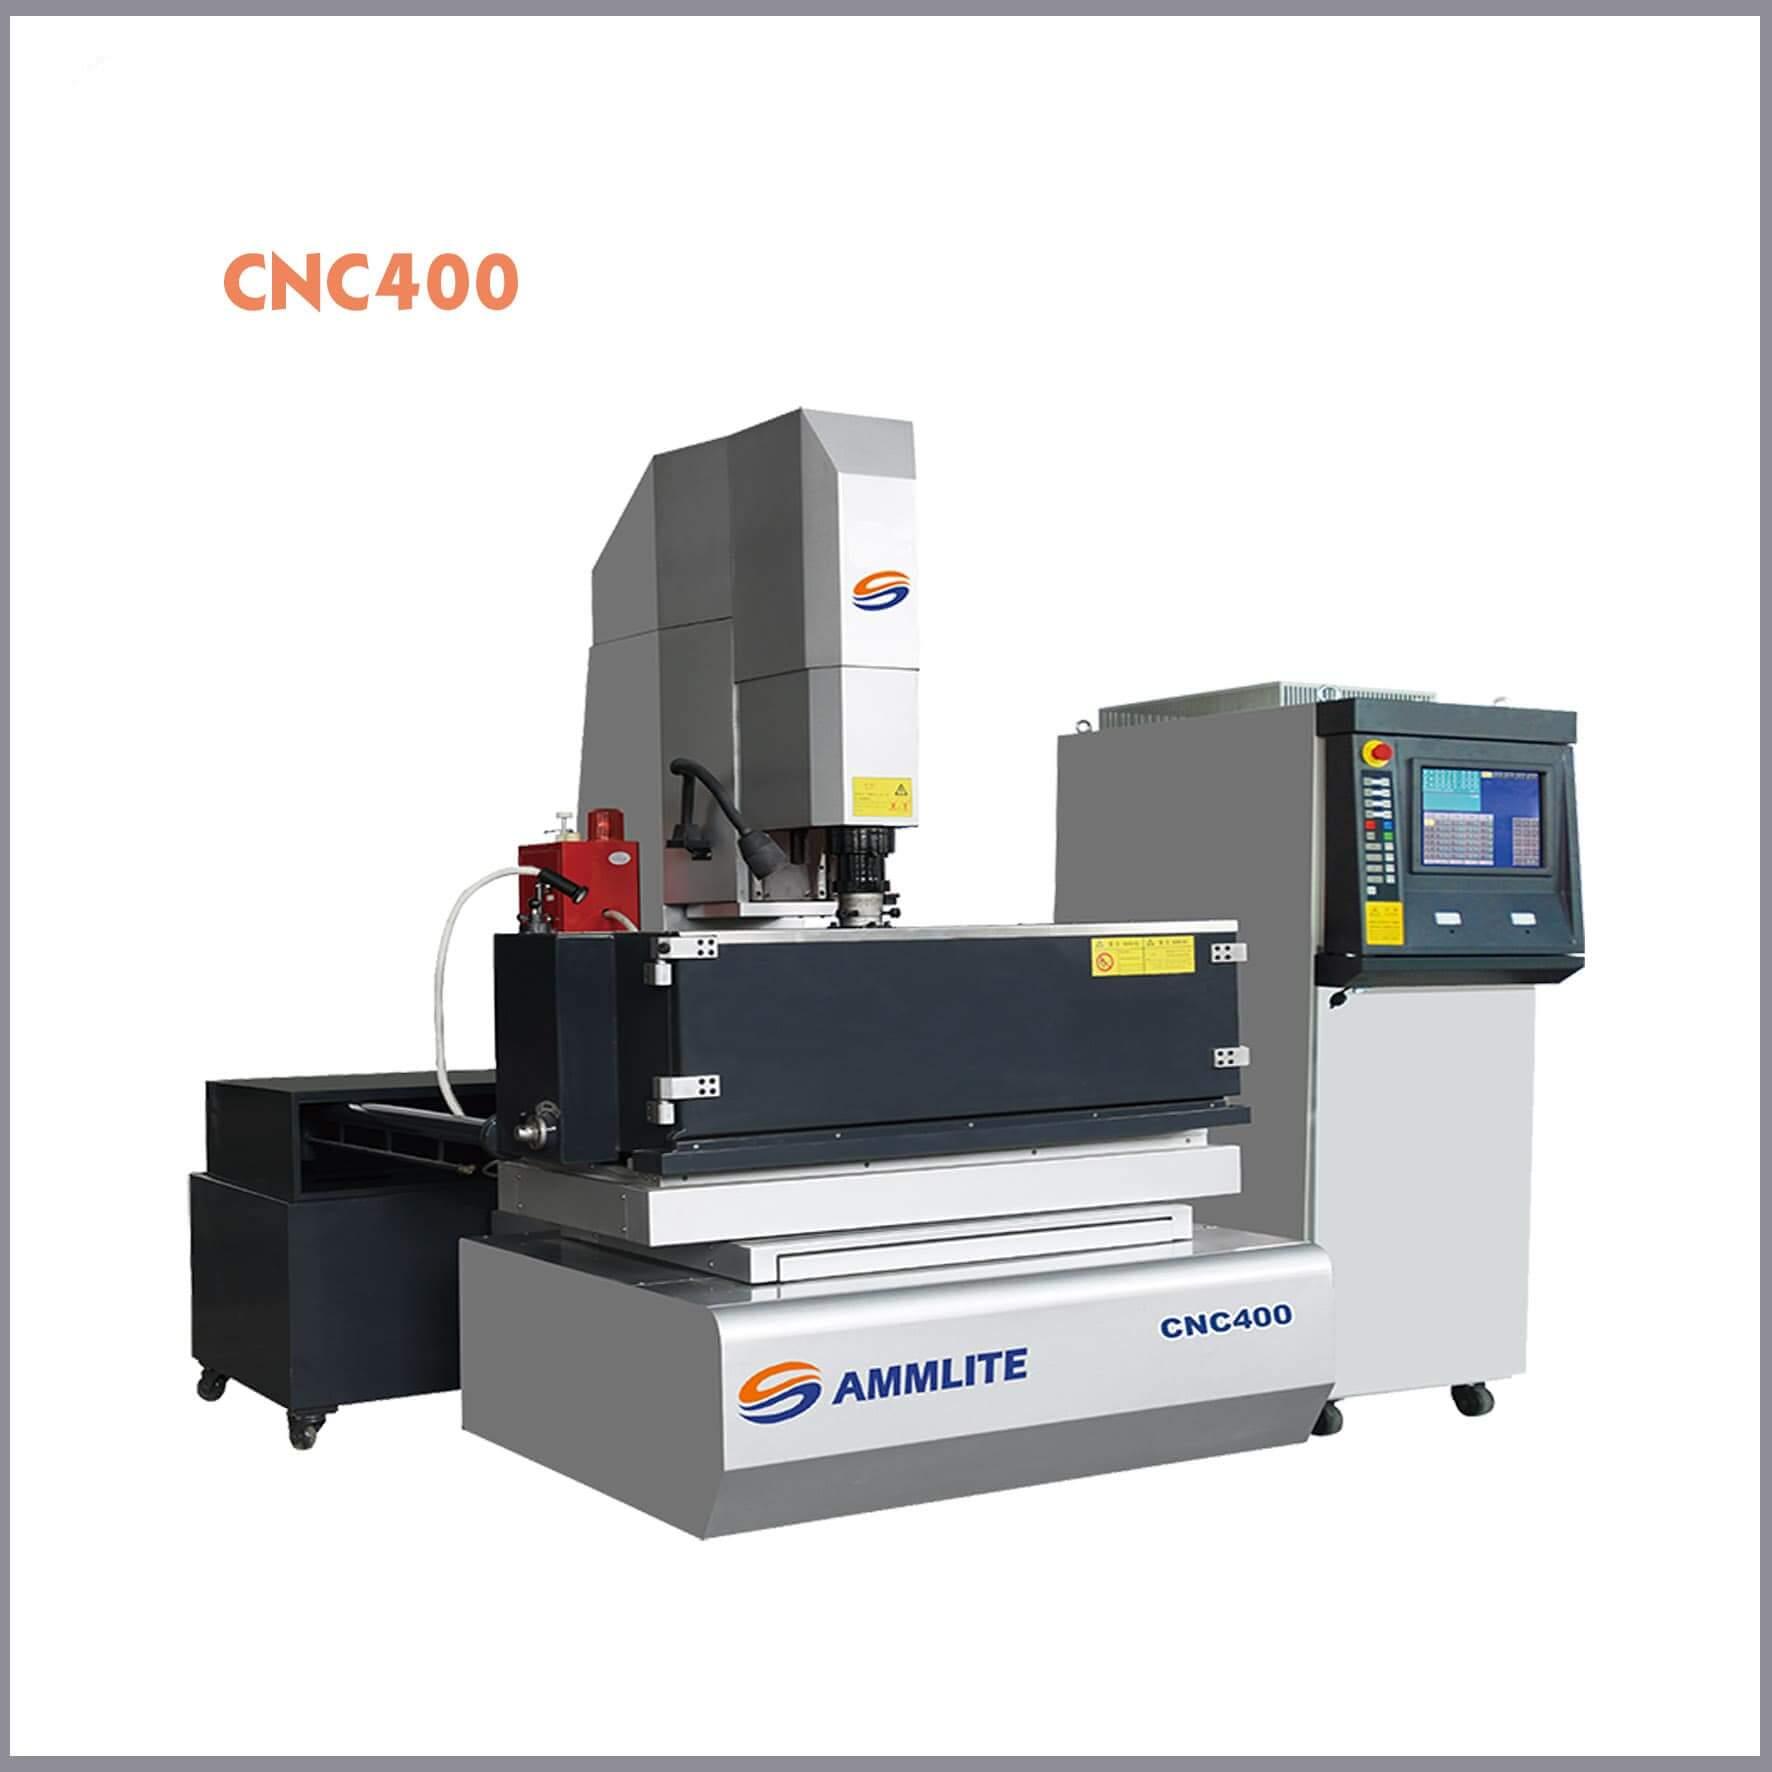 CNC400 Dalma Erozyon Tezgahı